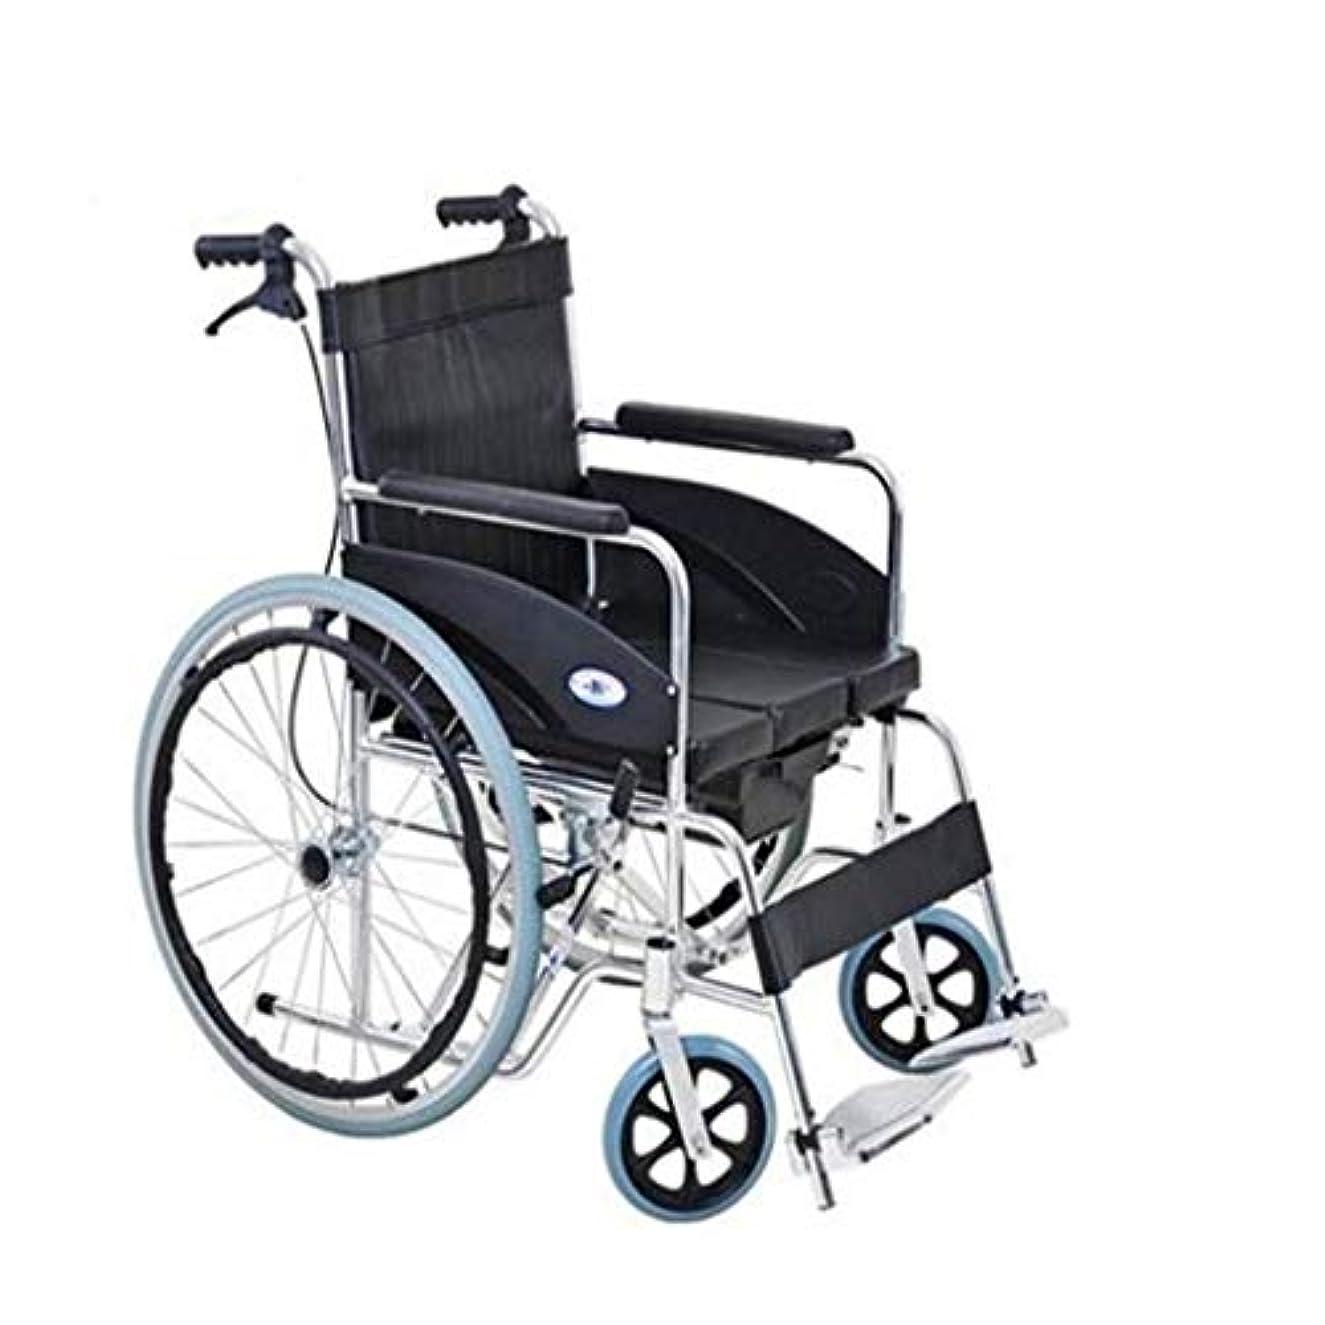 ゆるくデコードする曲車椅子トロリー多機能安全ブレーキ、折りたたみ式軽量アルミニウム合金、高齢者障害者用屋外プッシュ車椅子